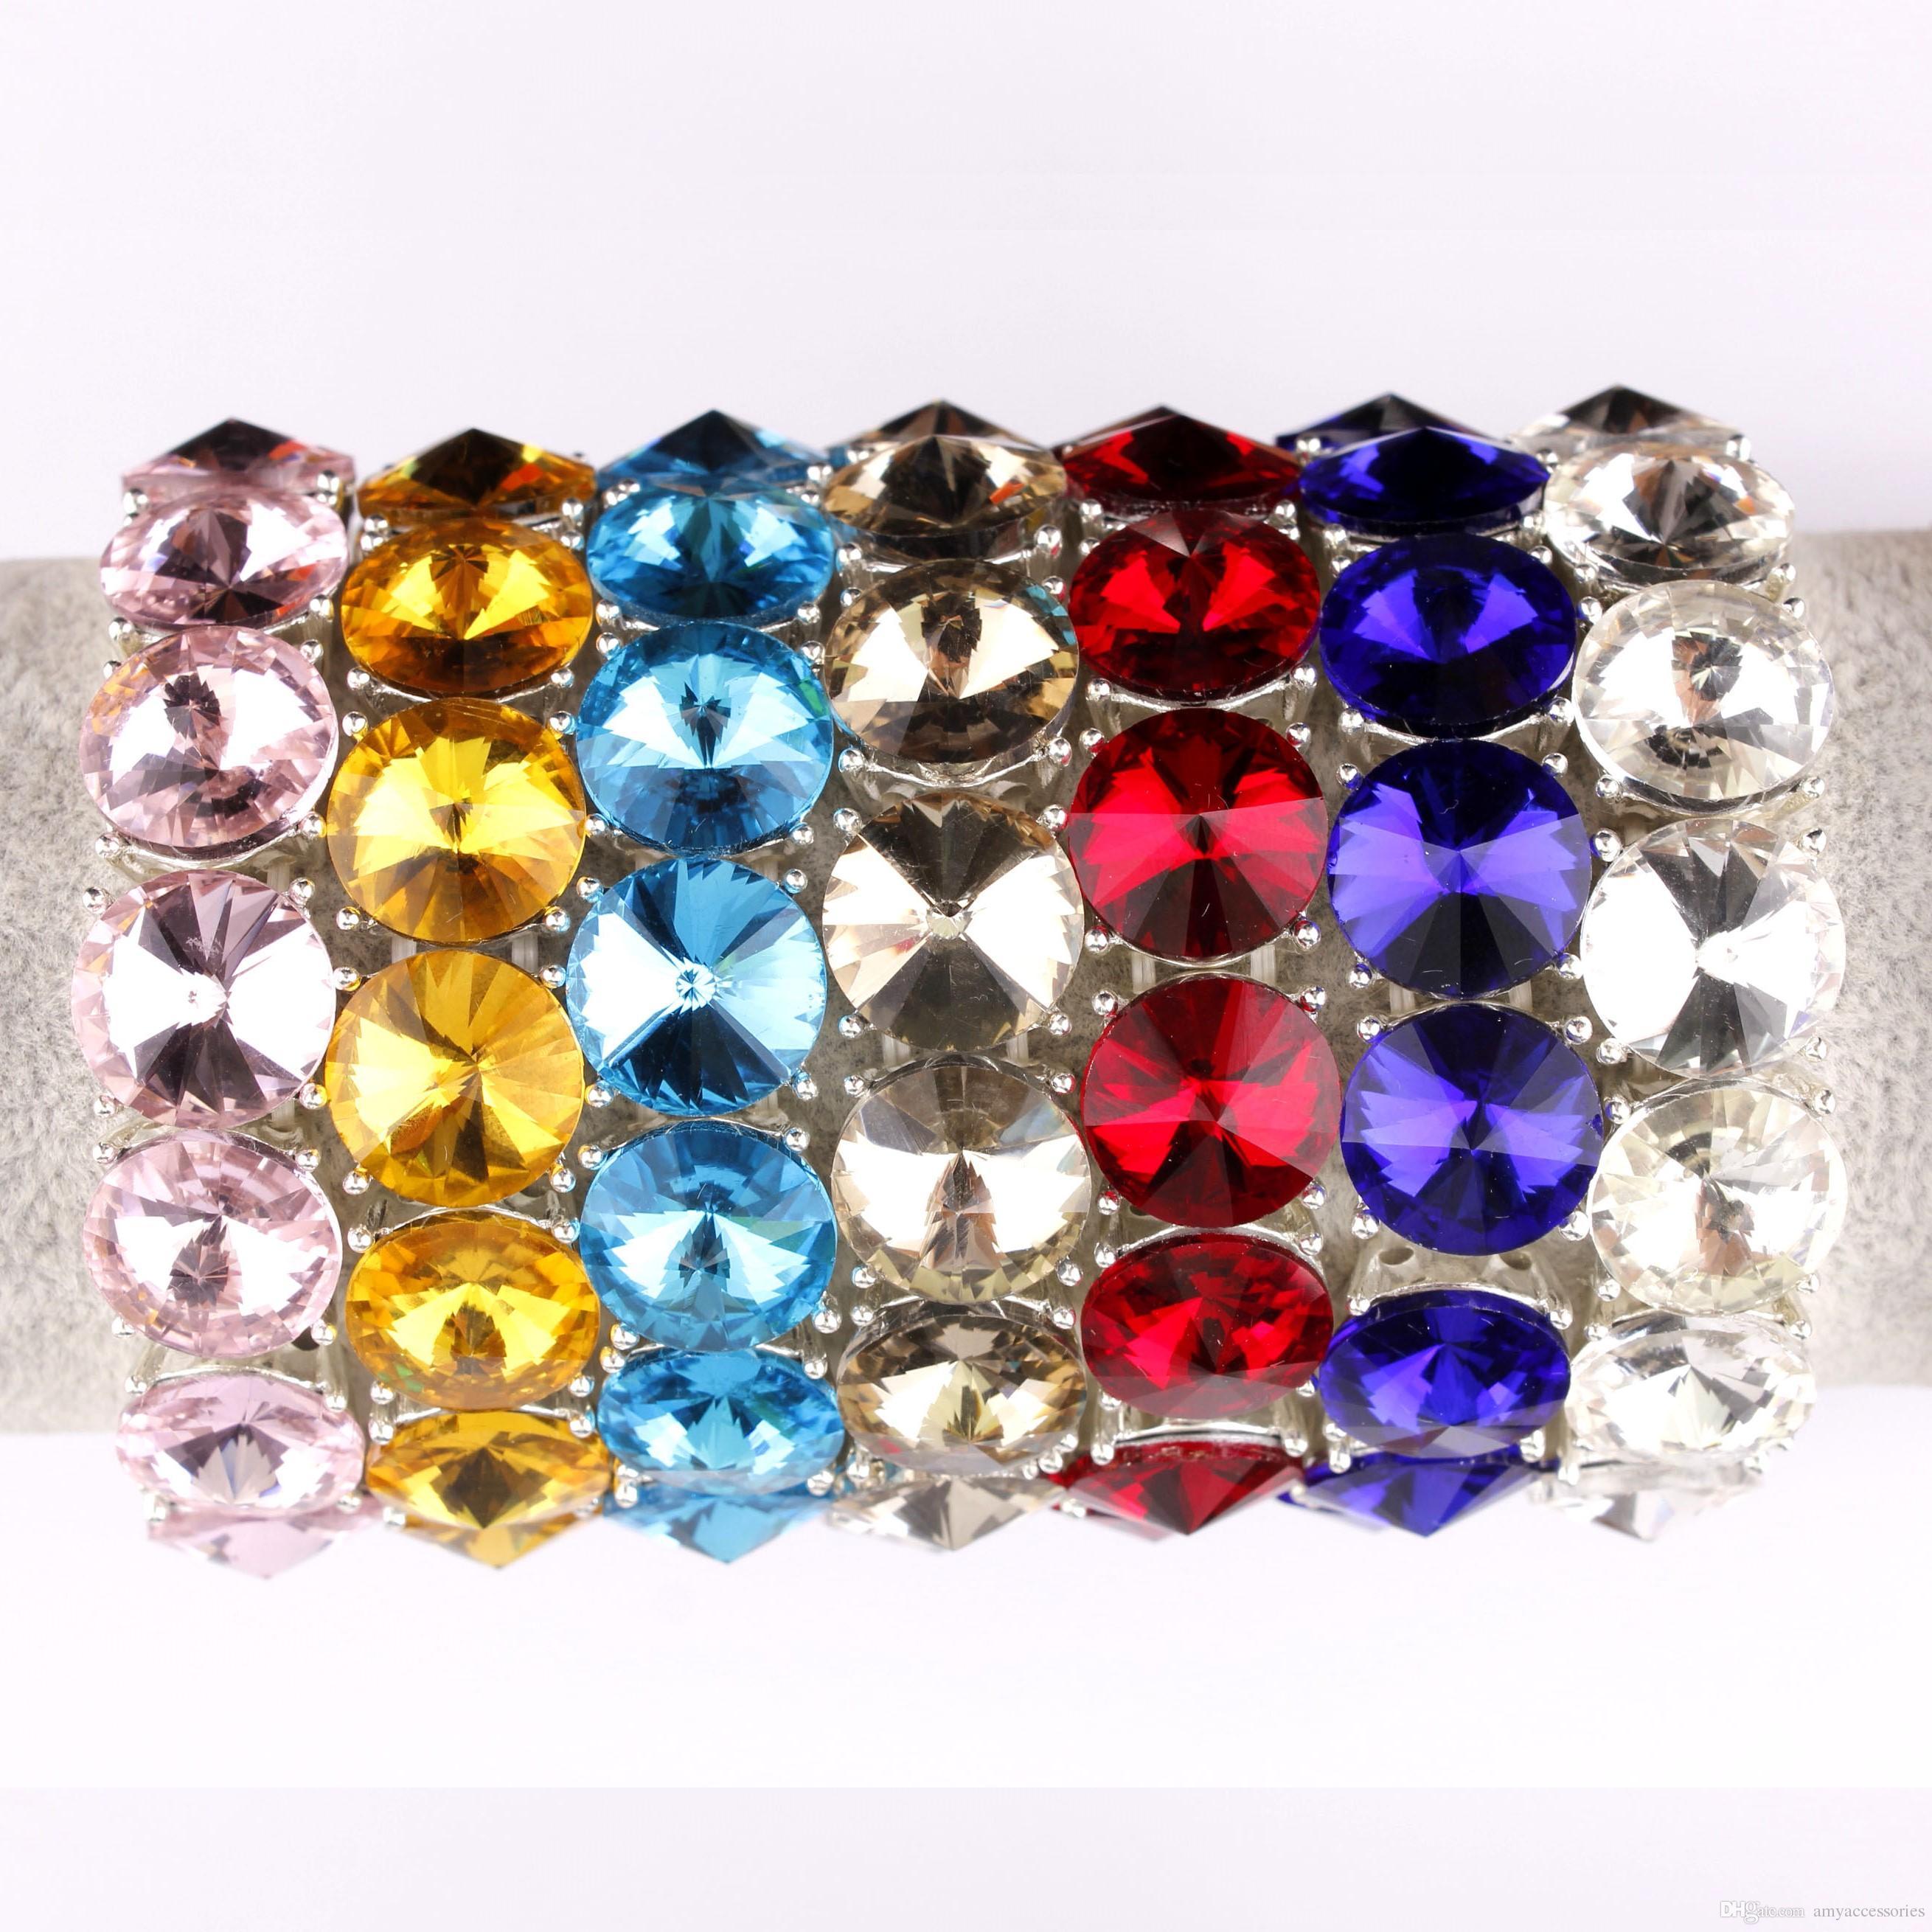 Vente chaude Verre Cristal Dot Wrap Bracelet Extensible pour Filles et Dames Boutique Bijoux Facettes Strass Bracelets Bracelets Réglable